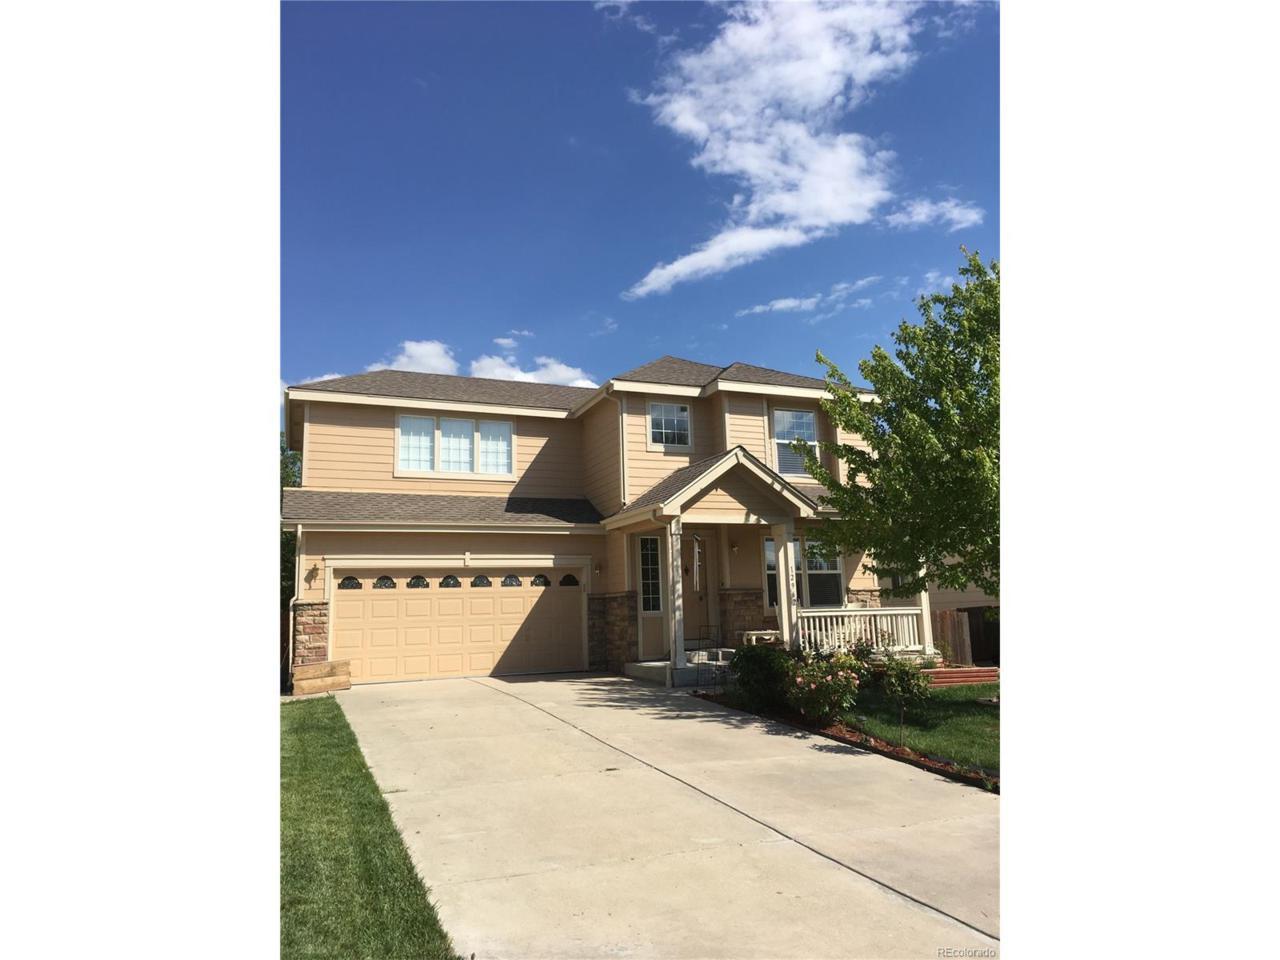 12962 Kearney Way, Thornton, CO 80602 (MLS #2294318) :: 8z Real Estate